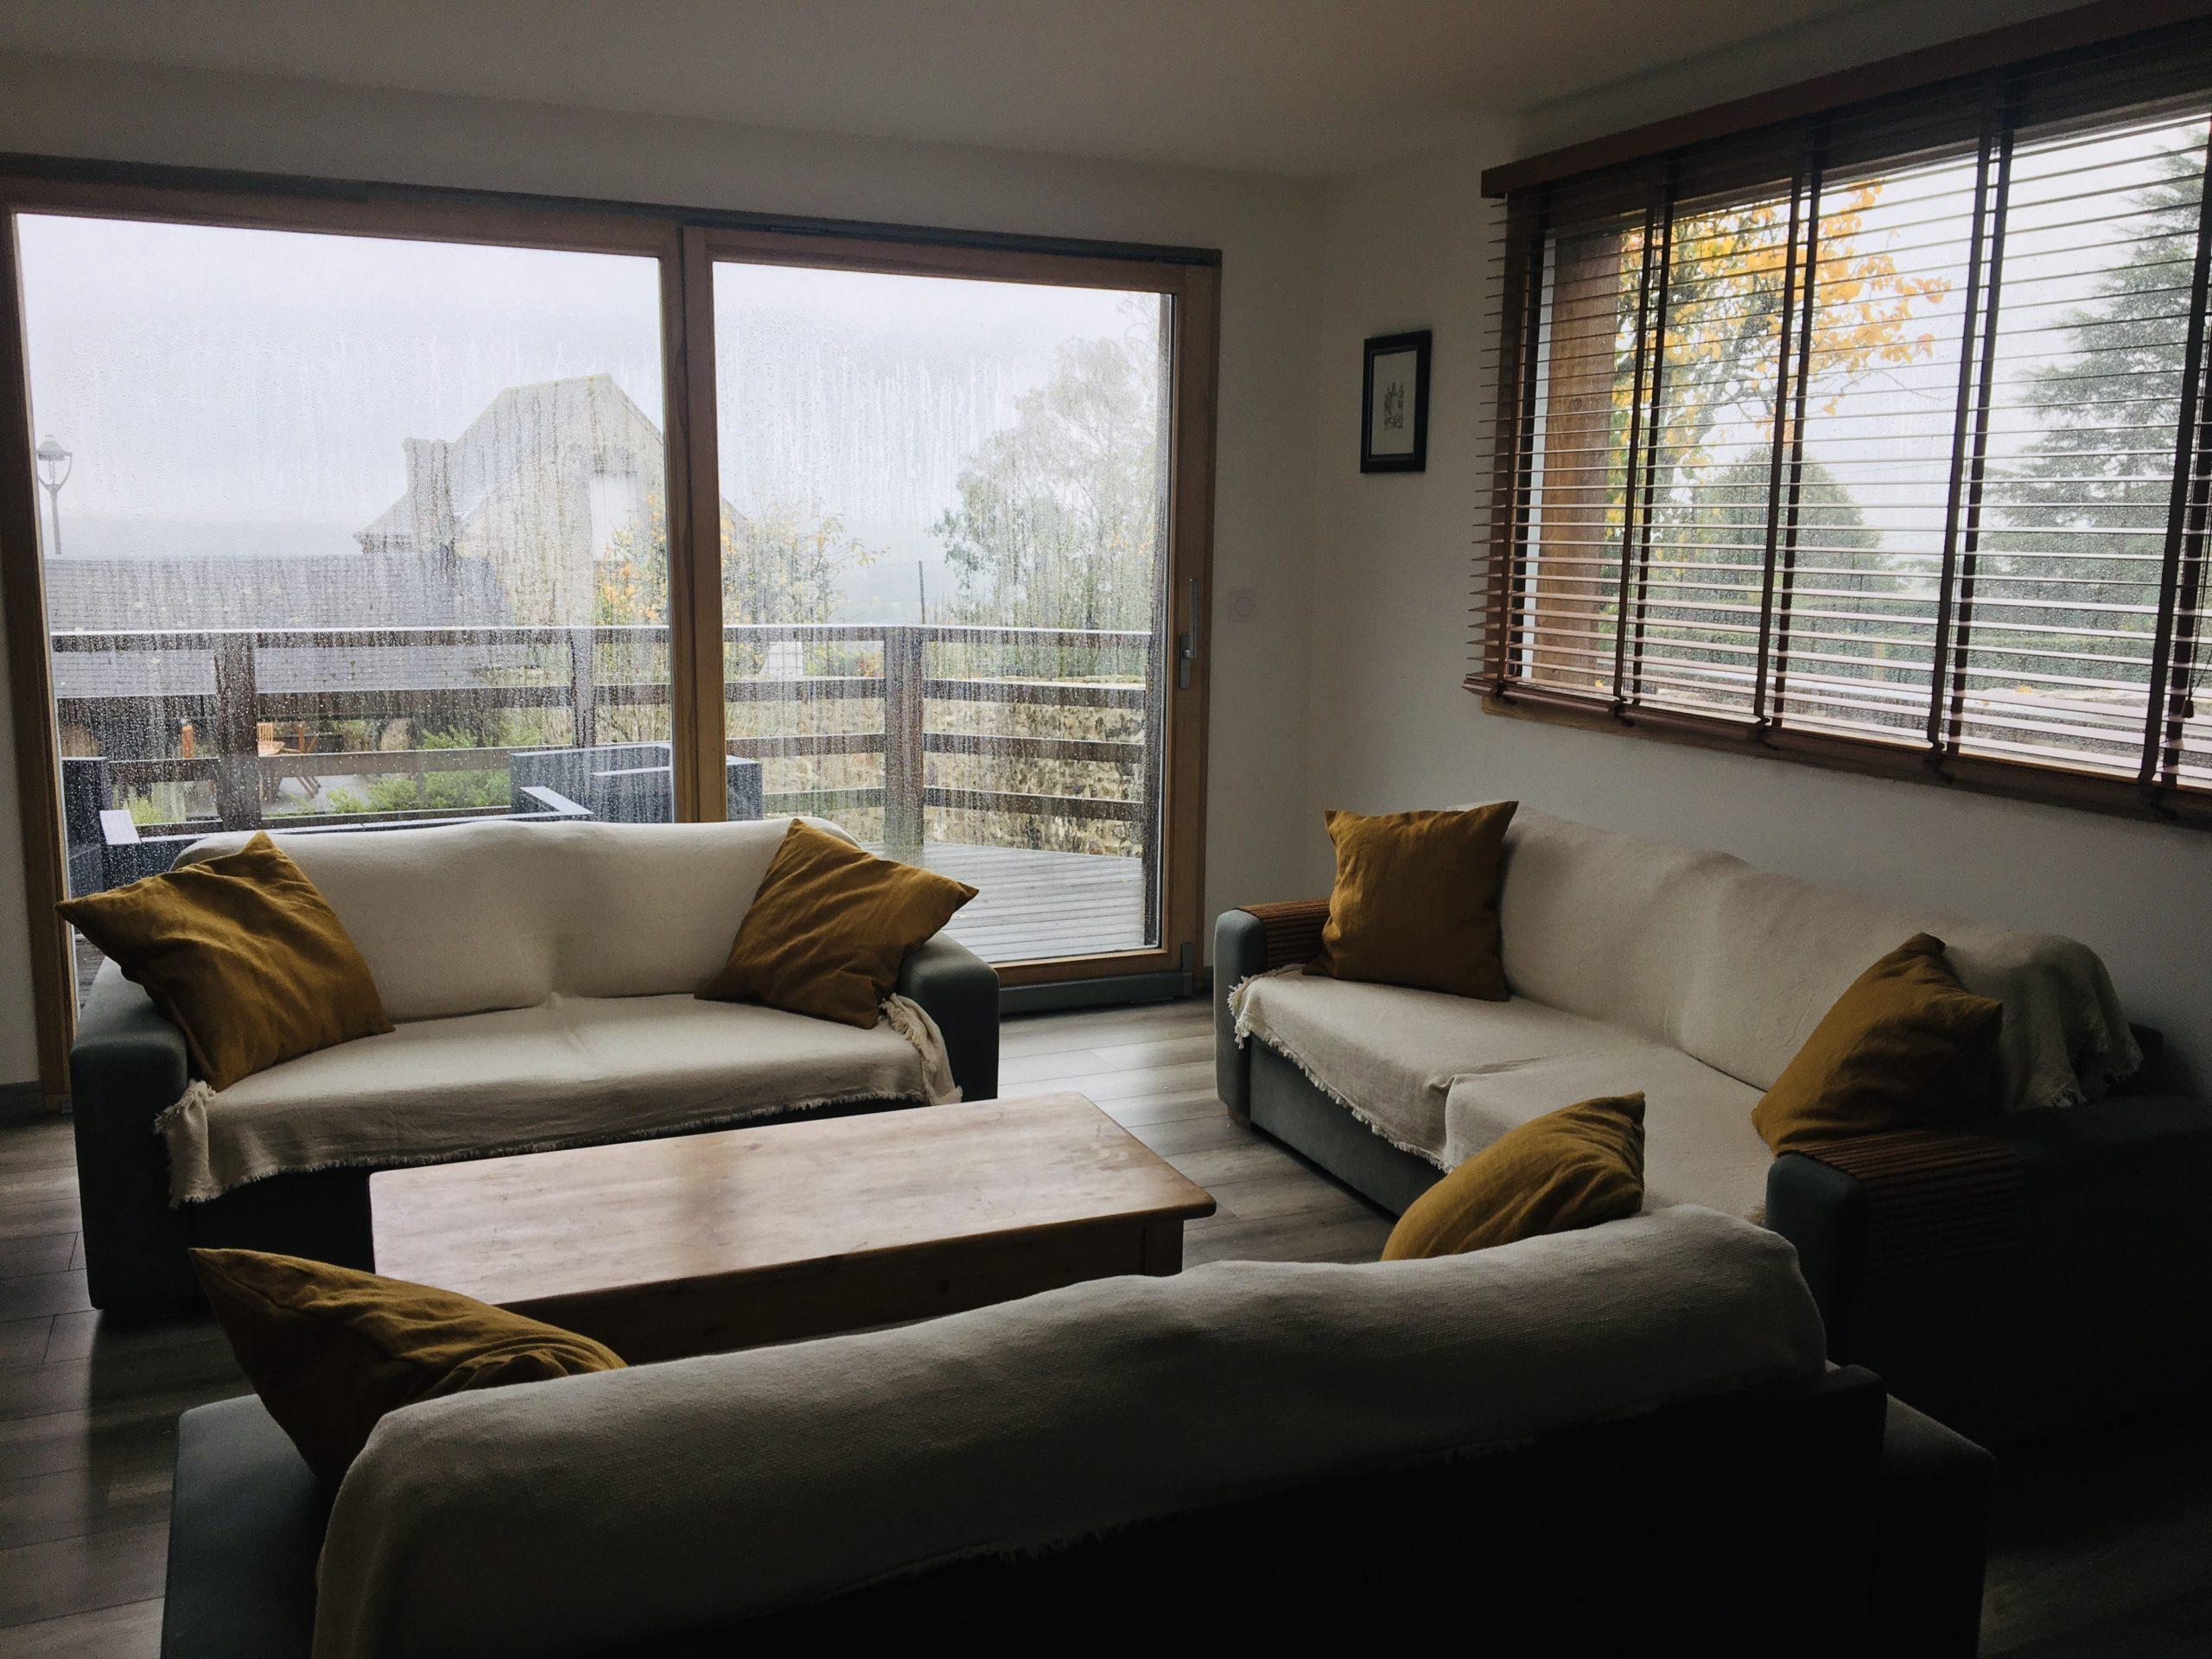 salon 3 canapés avec vue